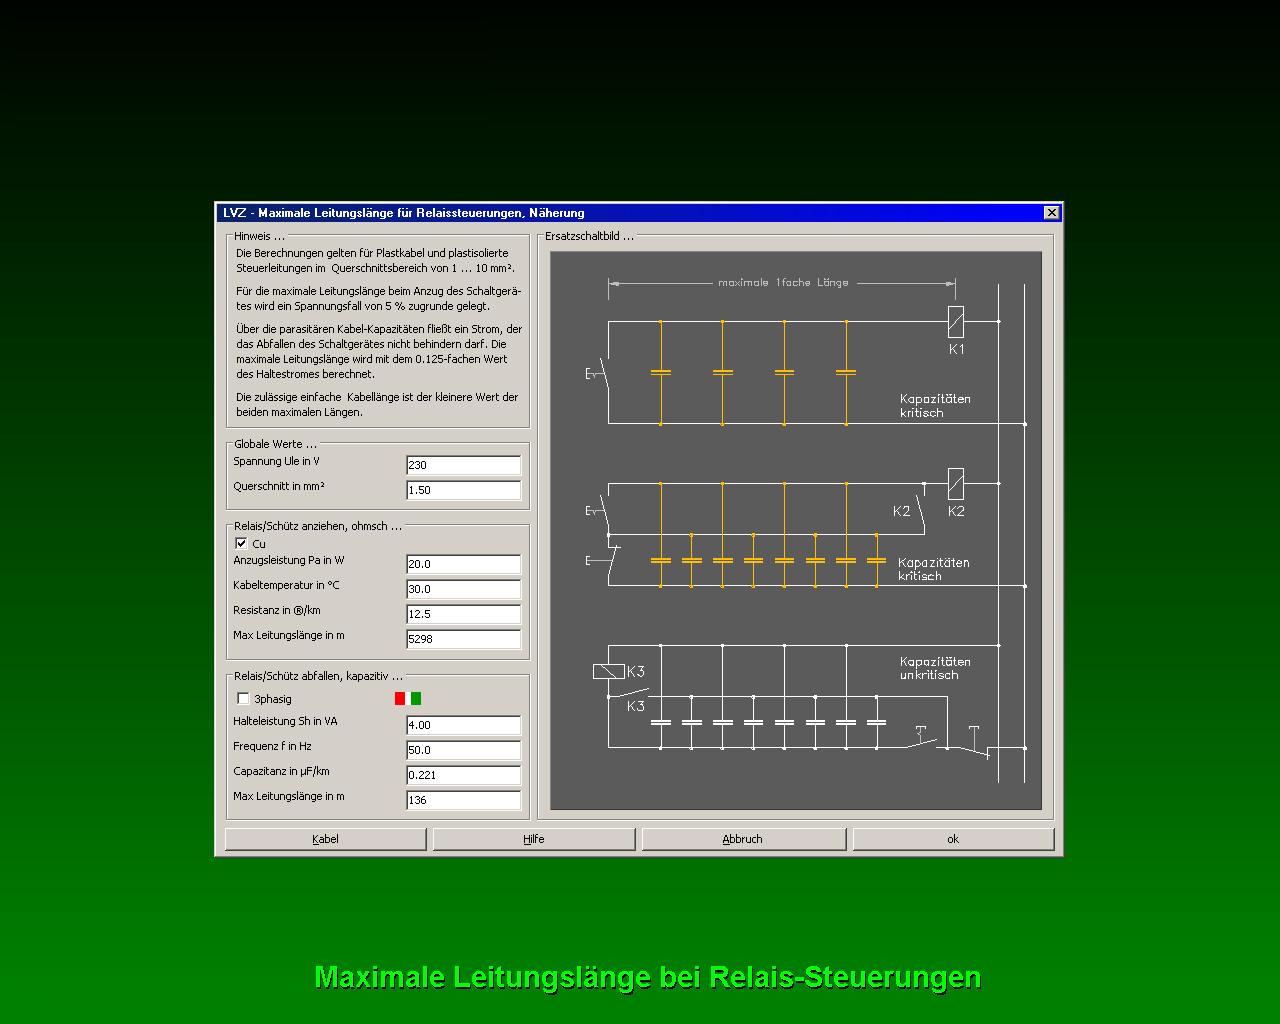 Tolle Verdrahtung 917 Modell Handwerker Diagram271141 Bilder - Der ...